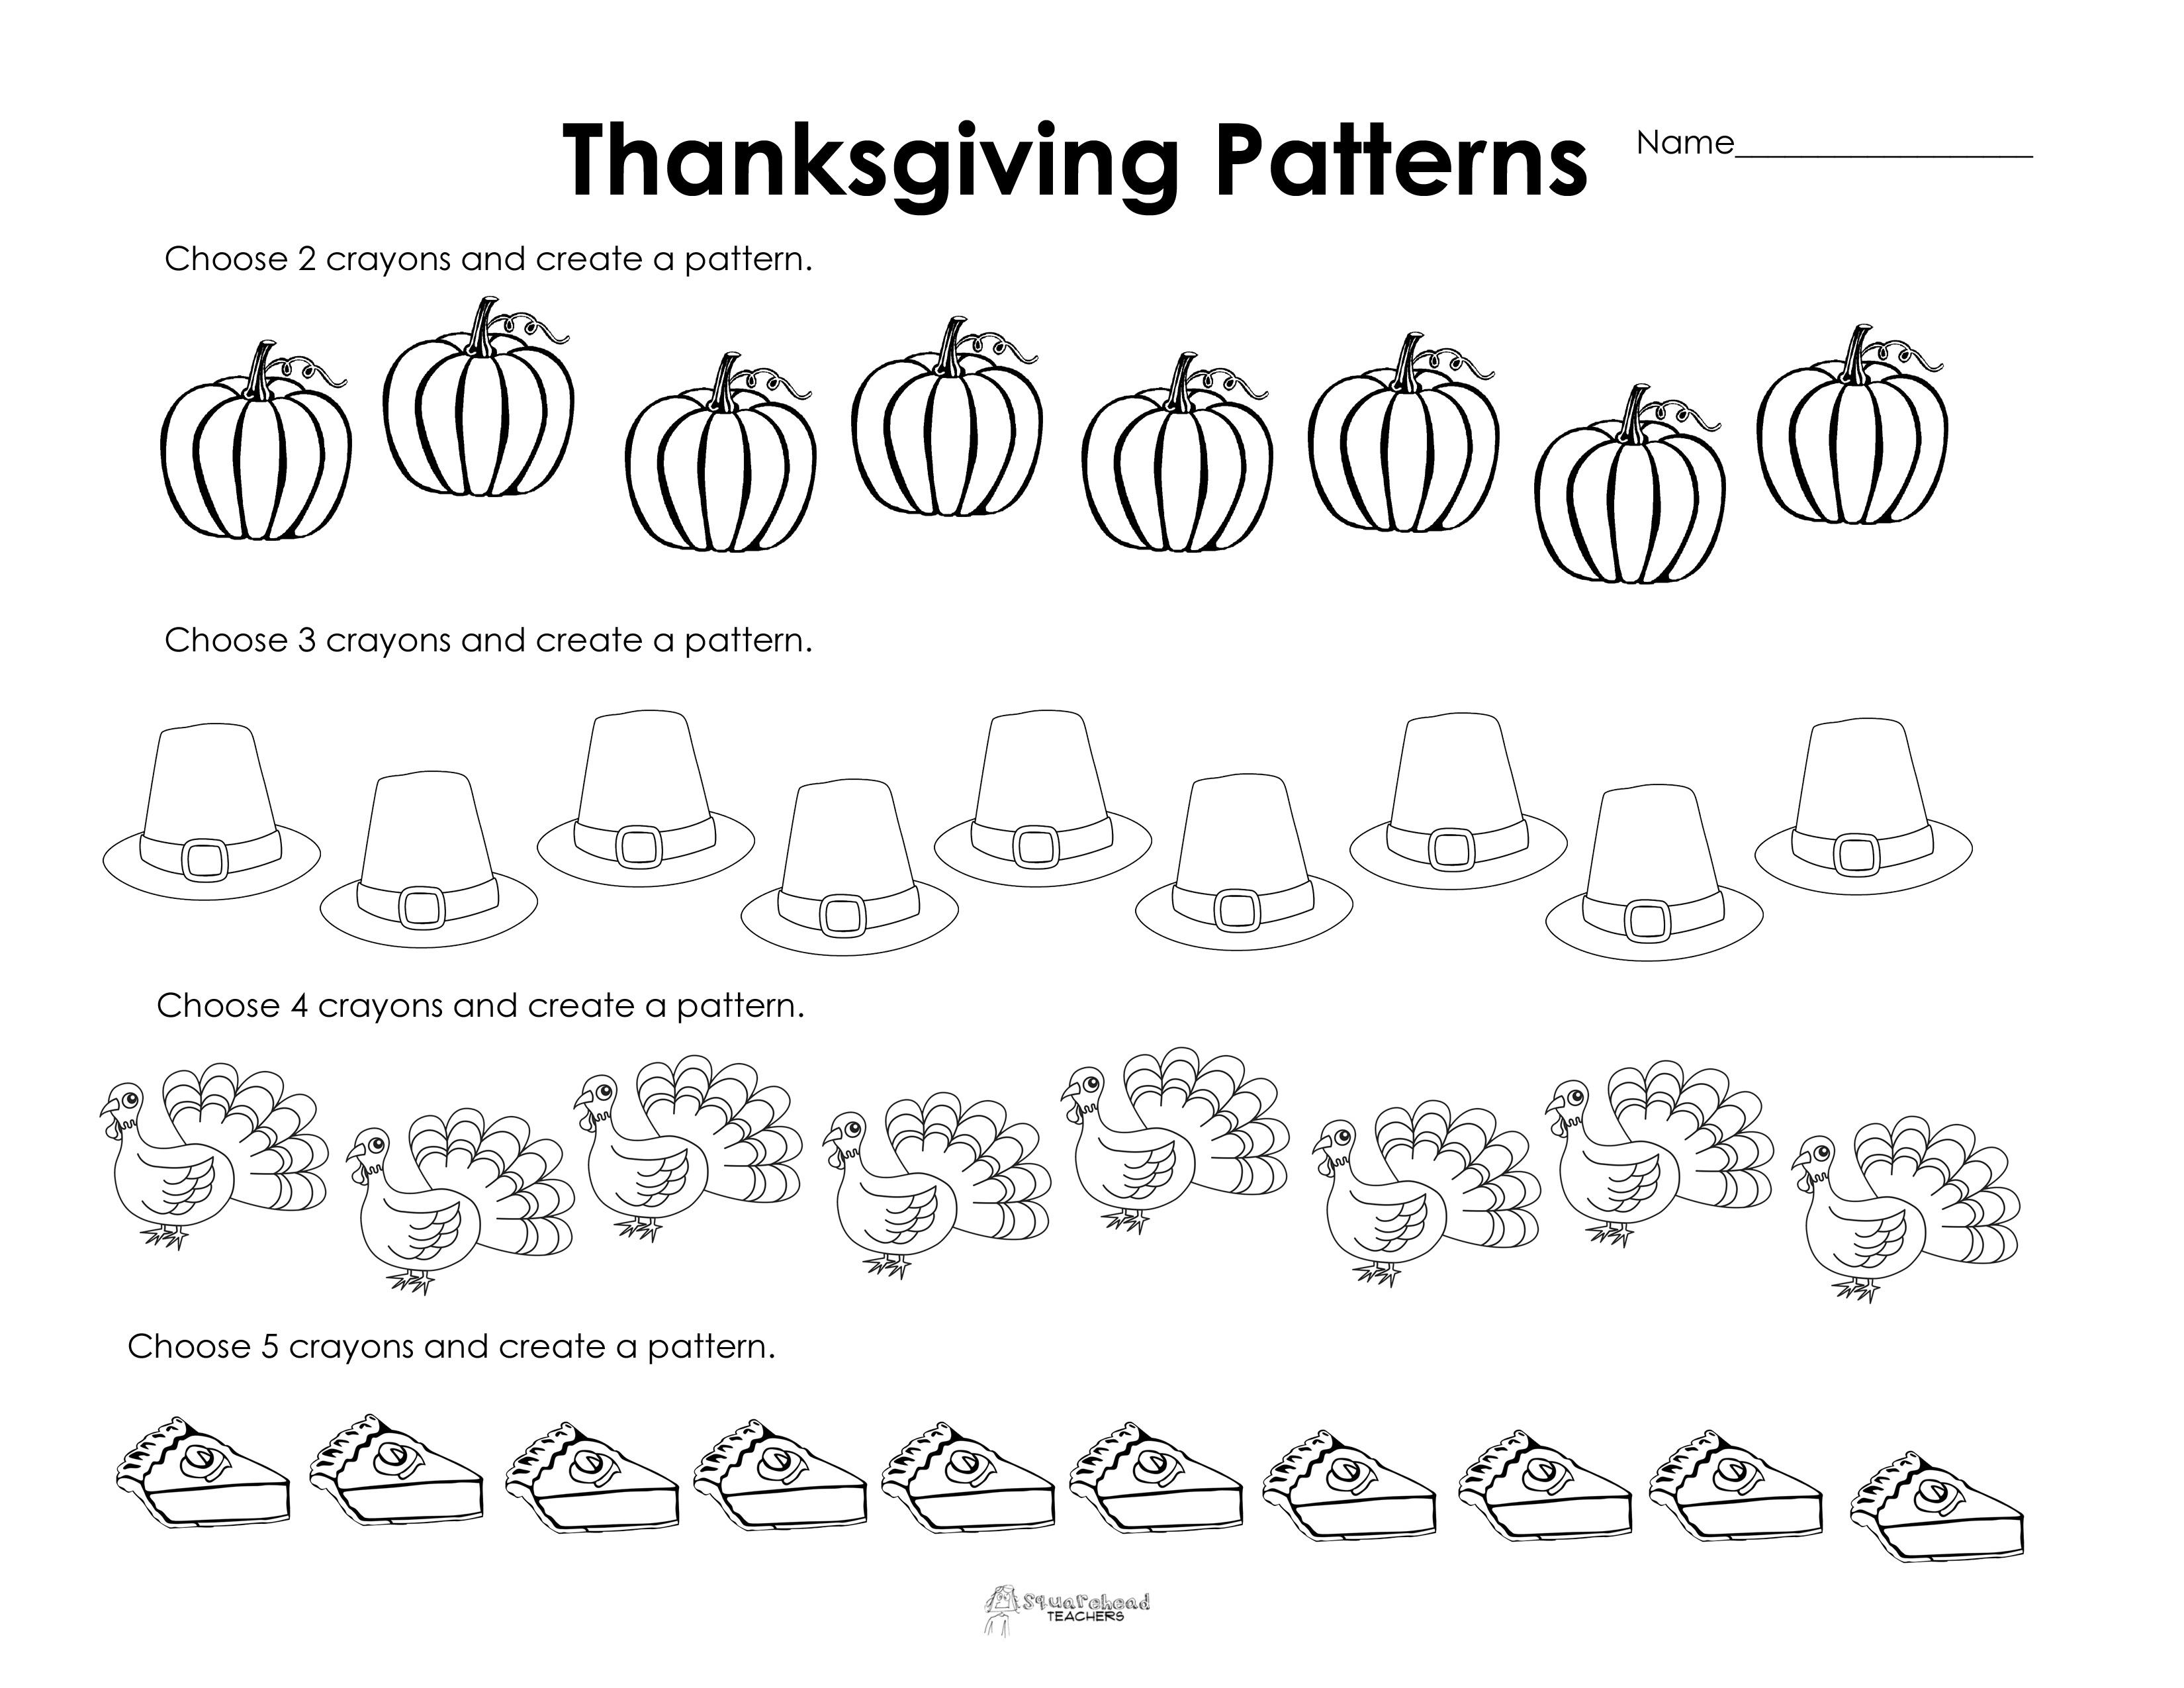 Making Patterns: Thanksgiving Style (Free Worksheet!) | Squarehead - Free Printable Thanksgiving Worksheets